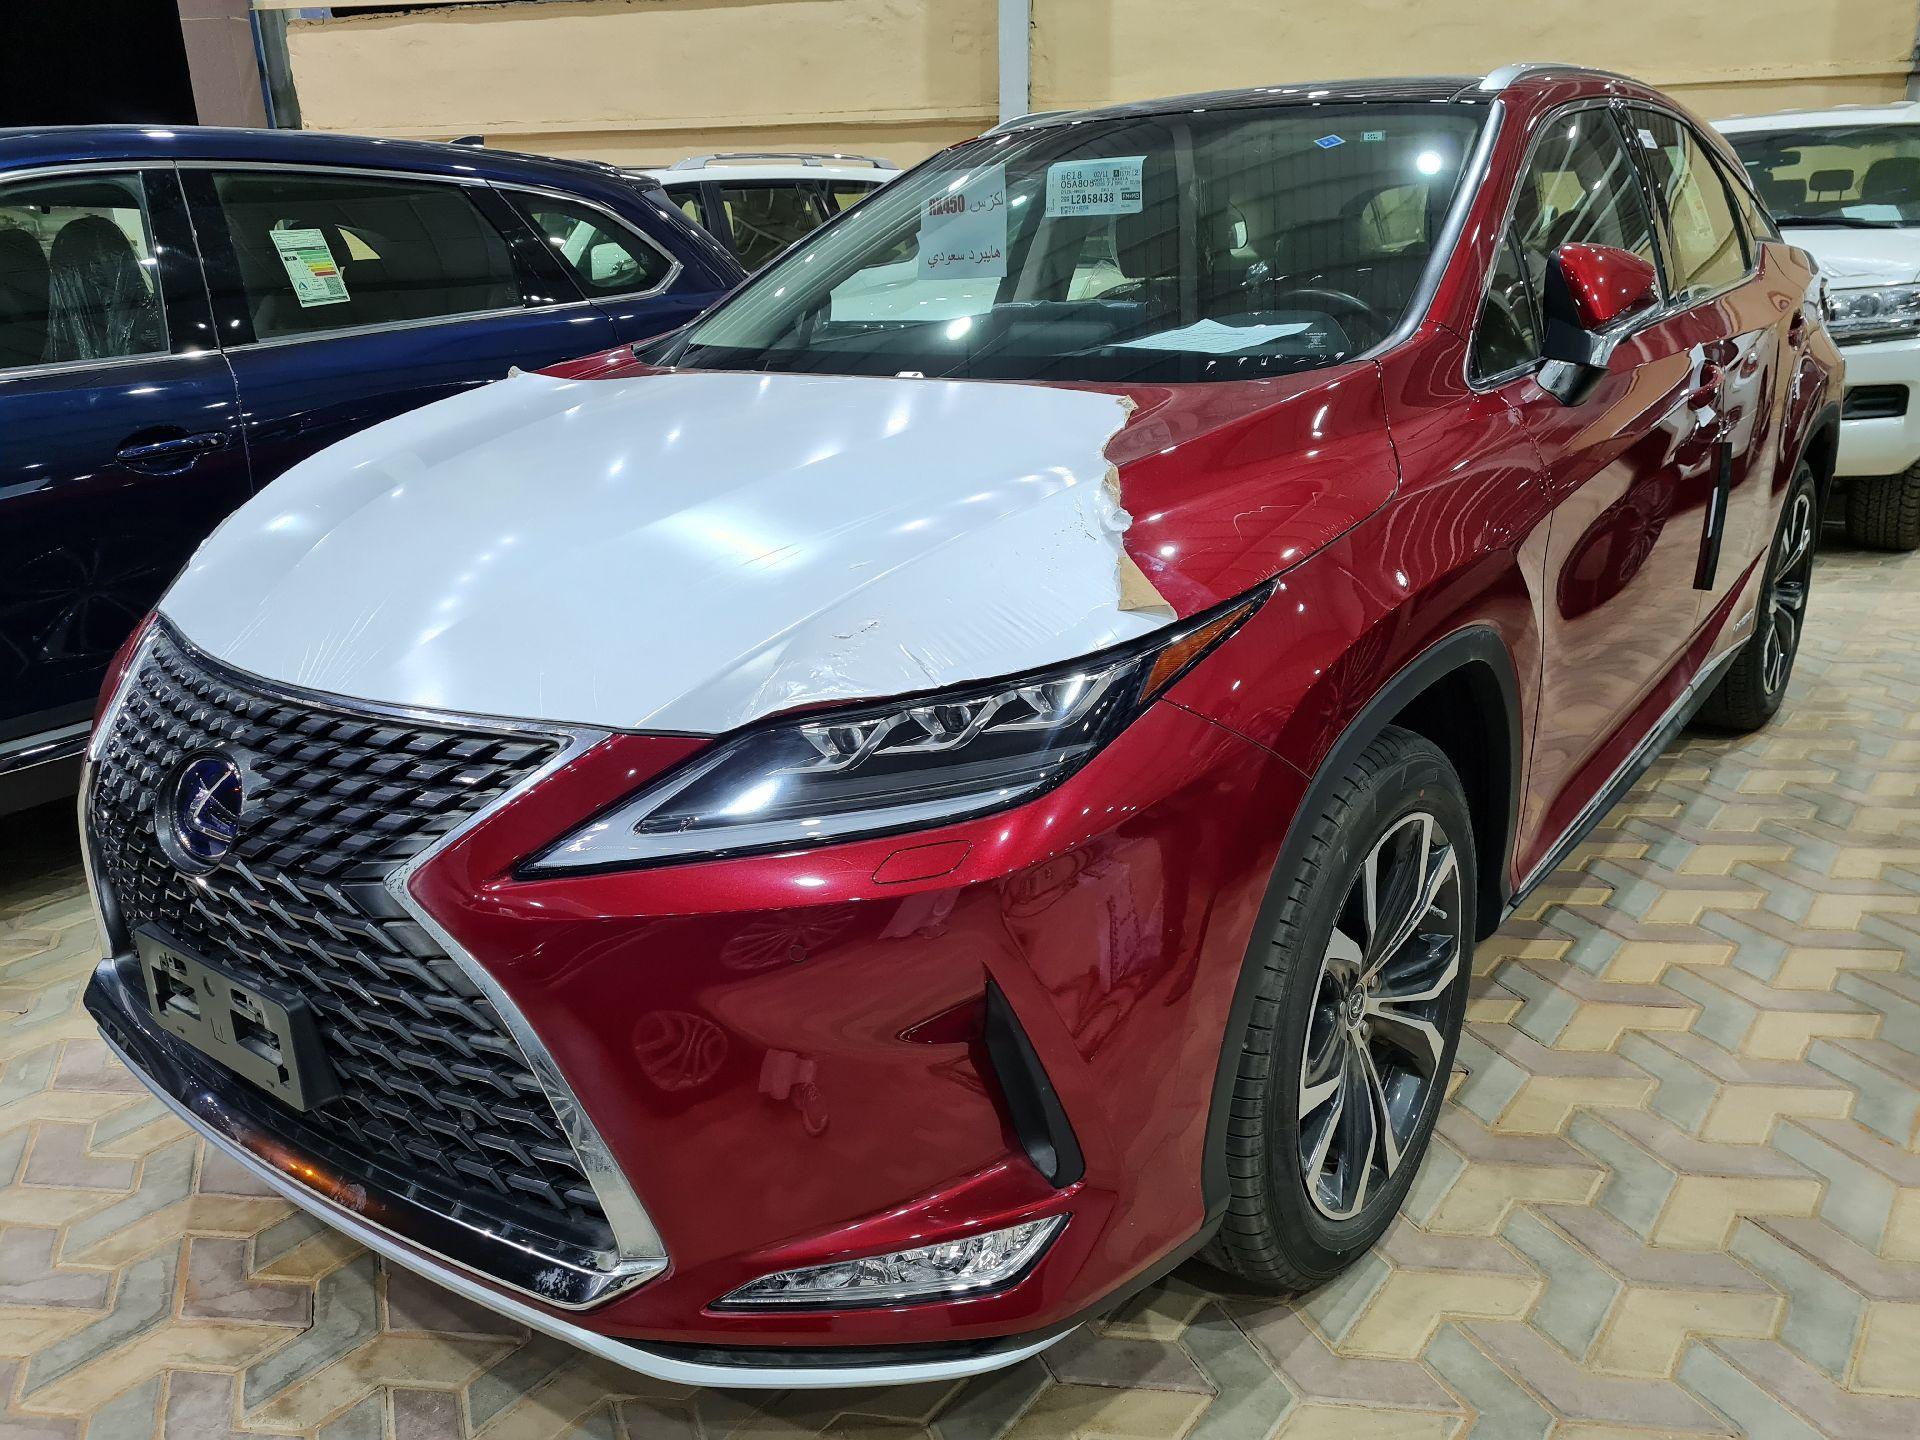 لكزس RX 450-BH Hybrid فل  2020 دبل سعودي جديد للبيع في الرياض - السعودية - صورة كبيرة - 1